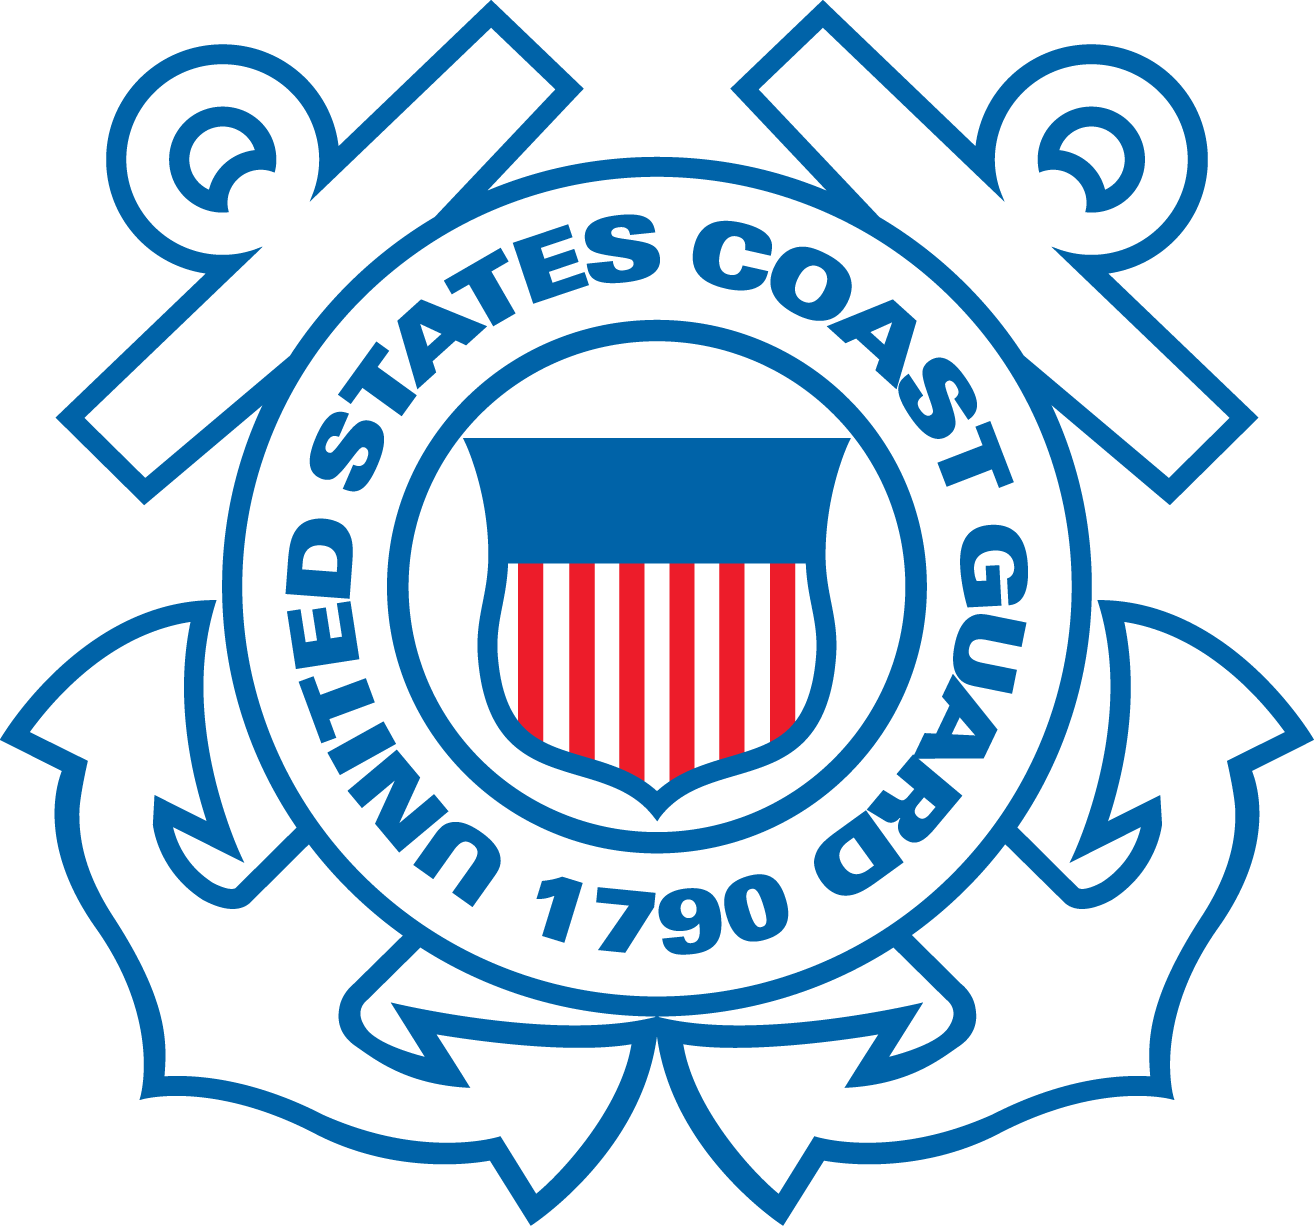 Coast Guard emblem 2014